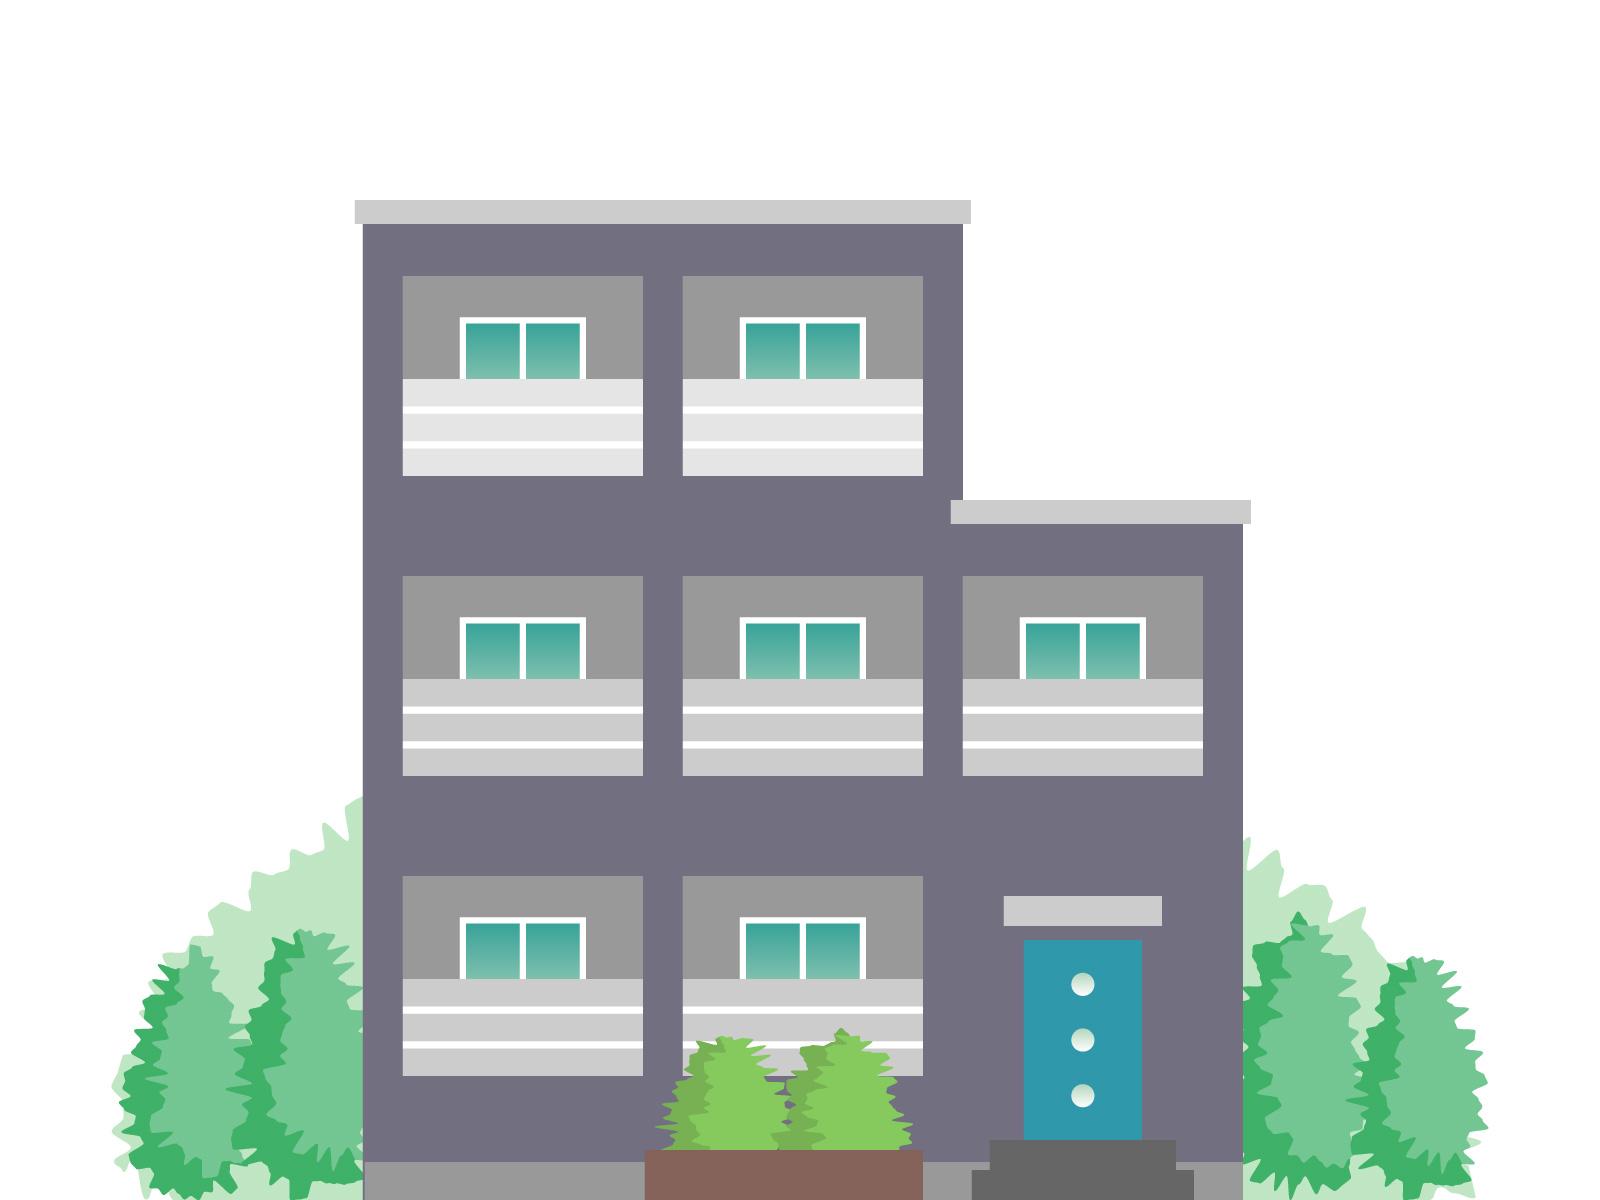 マンション,賃貸,不動産屋,不動産会社,管理会社,違い